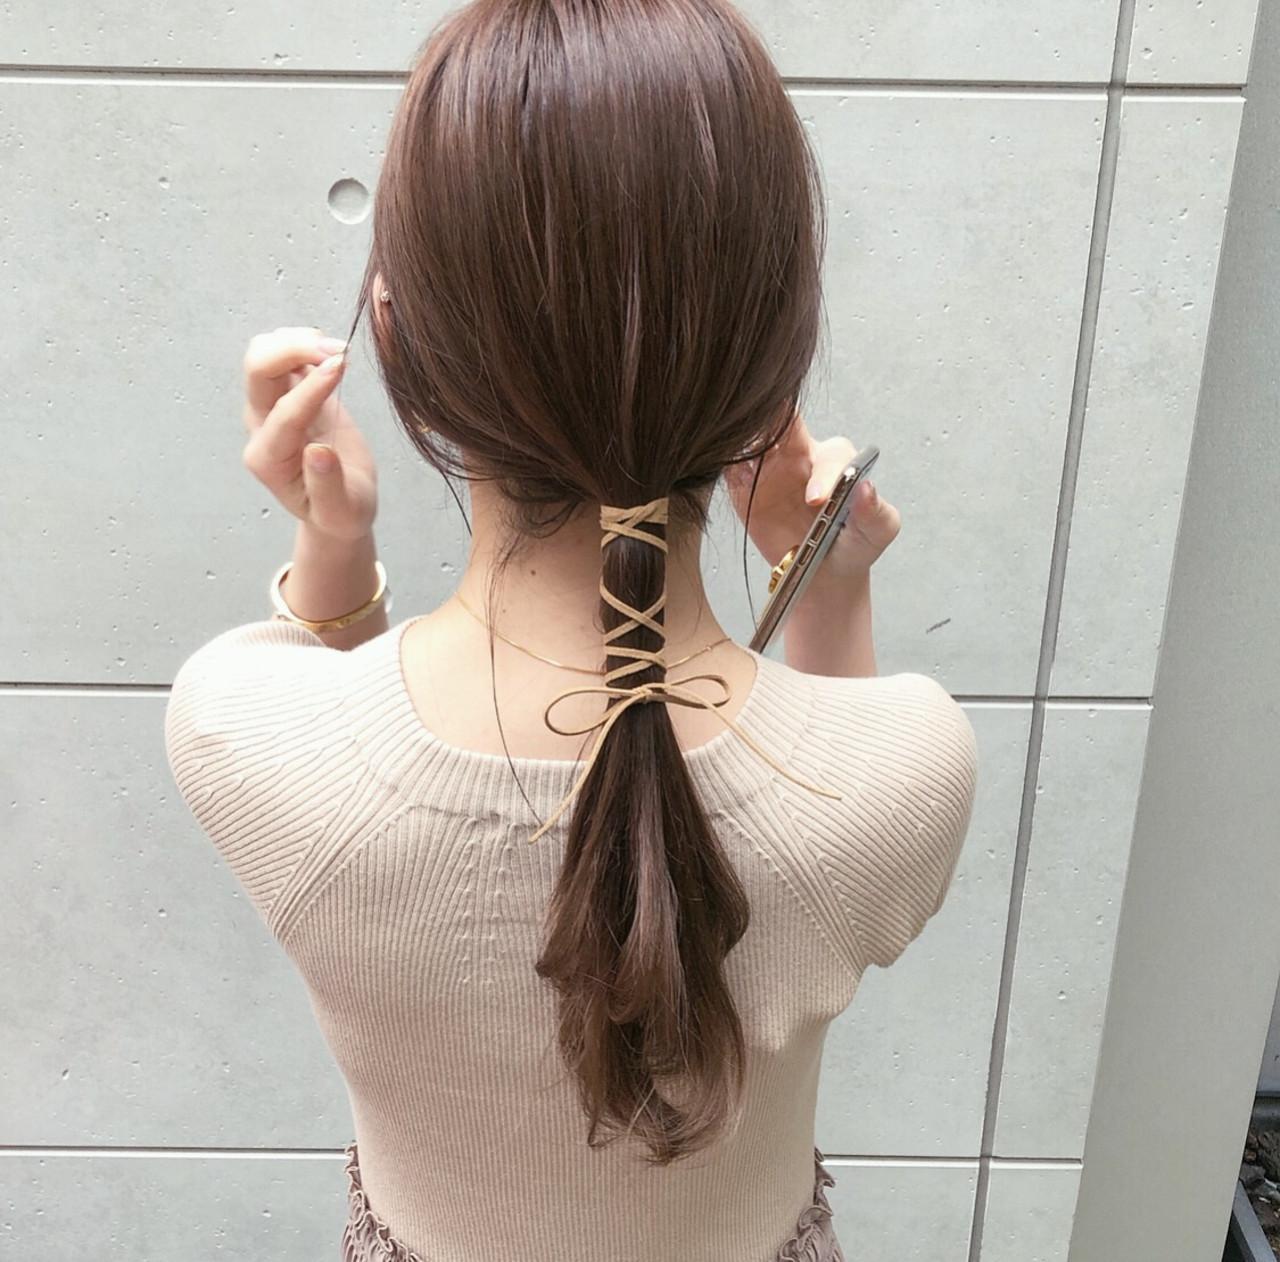 紐アレンジ ローポニー モード ポニーテール ヘアスタイルや髪型の写真・画像